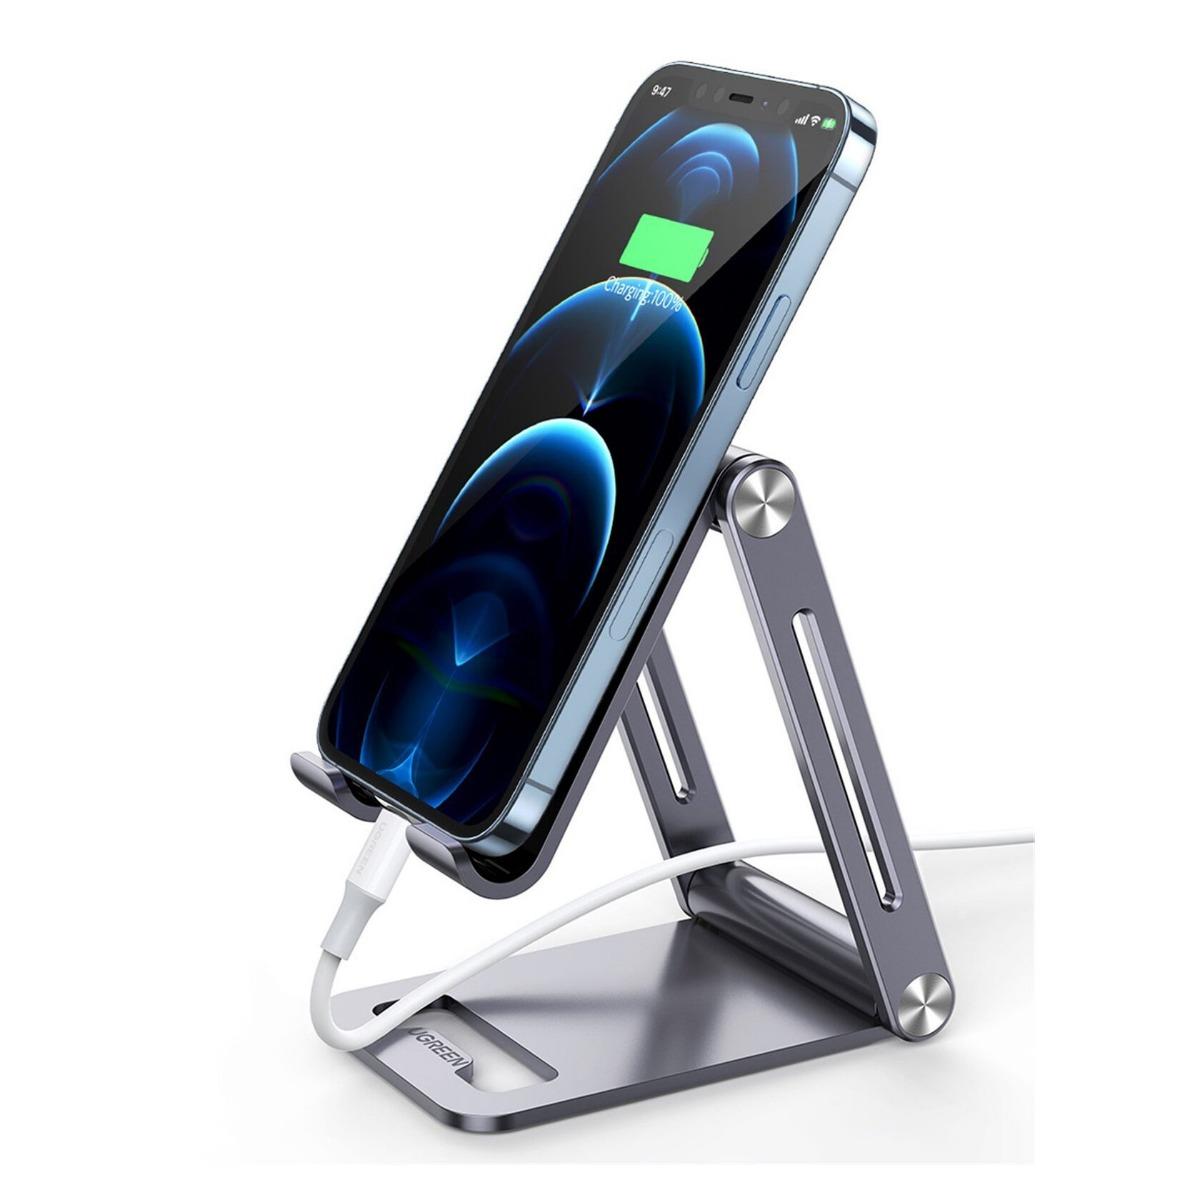 Ugreen 80708 Подставка настольная складная для телефона/планшета Adjustable Aluminum Phone Holder